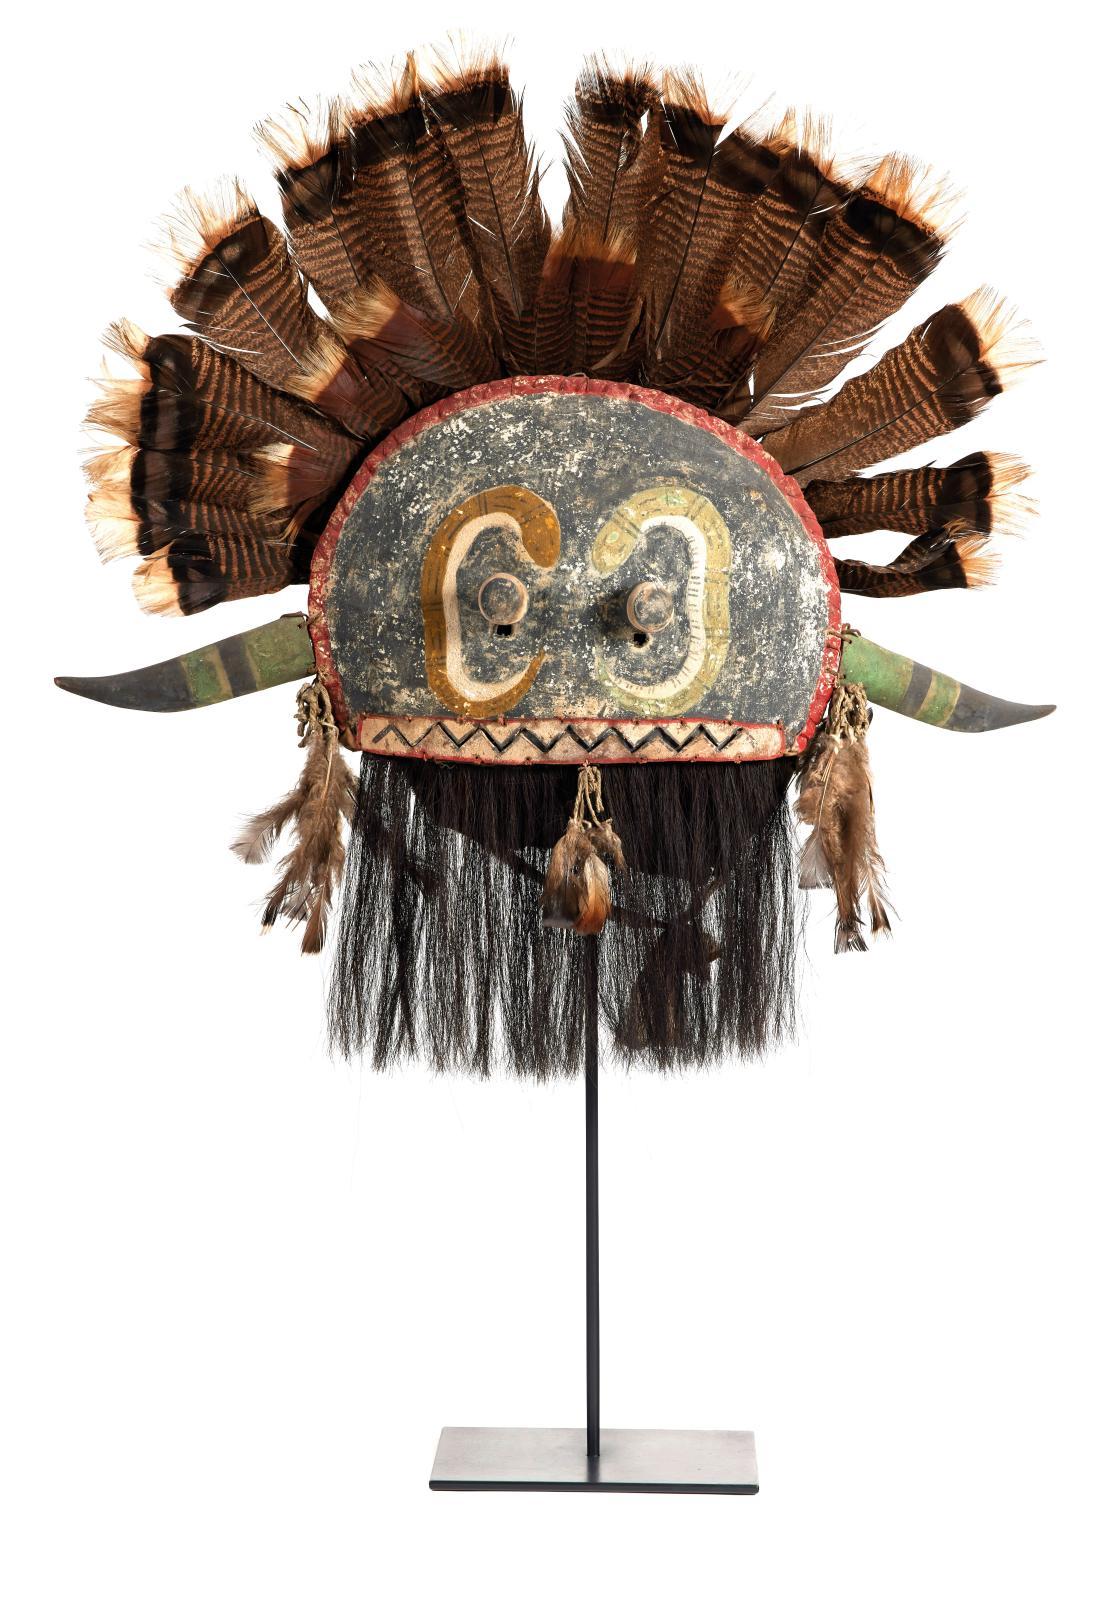 Ce masque à cornes semi-circulaire, aux yeux protubérants et surmonté d'une impressionnante coiffe de plumes et de barbes de crin de cheva